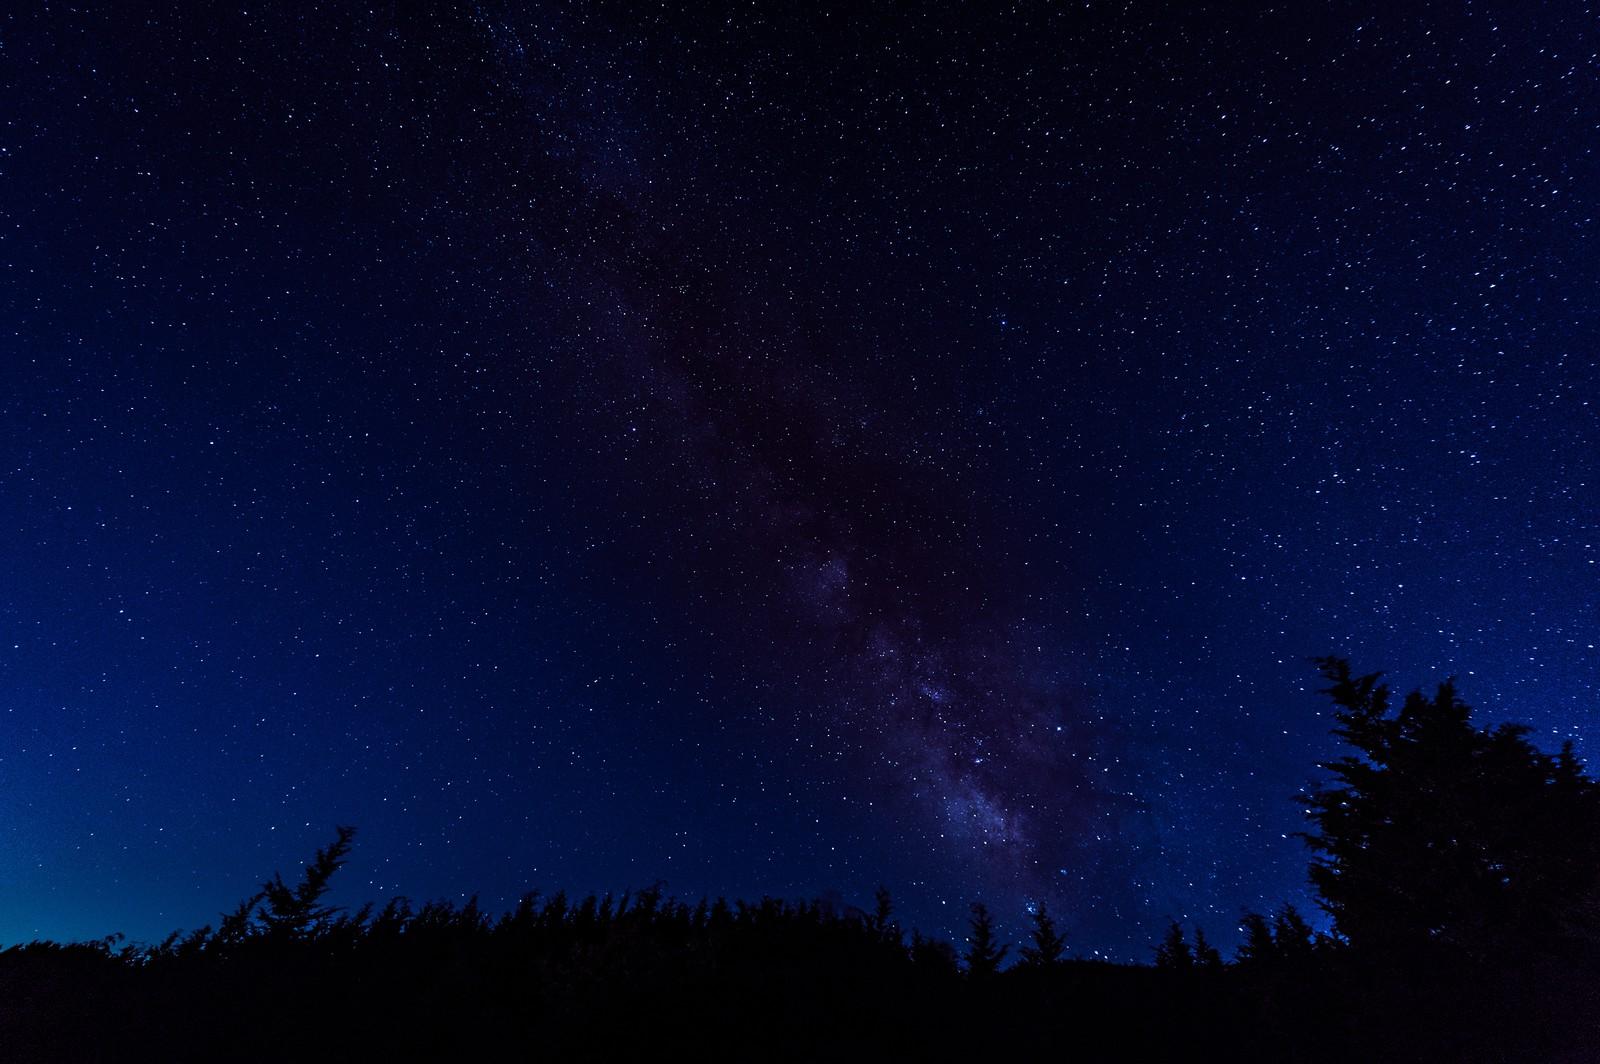 ネイビーな夜空 群青色の空